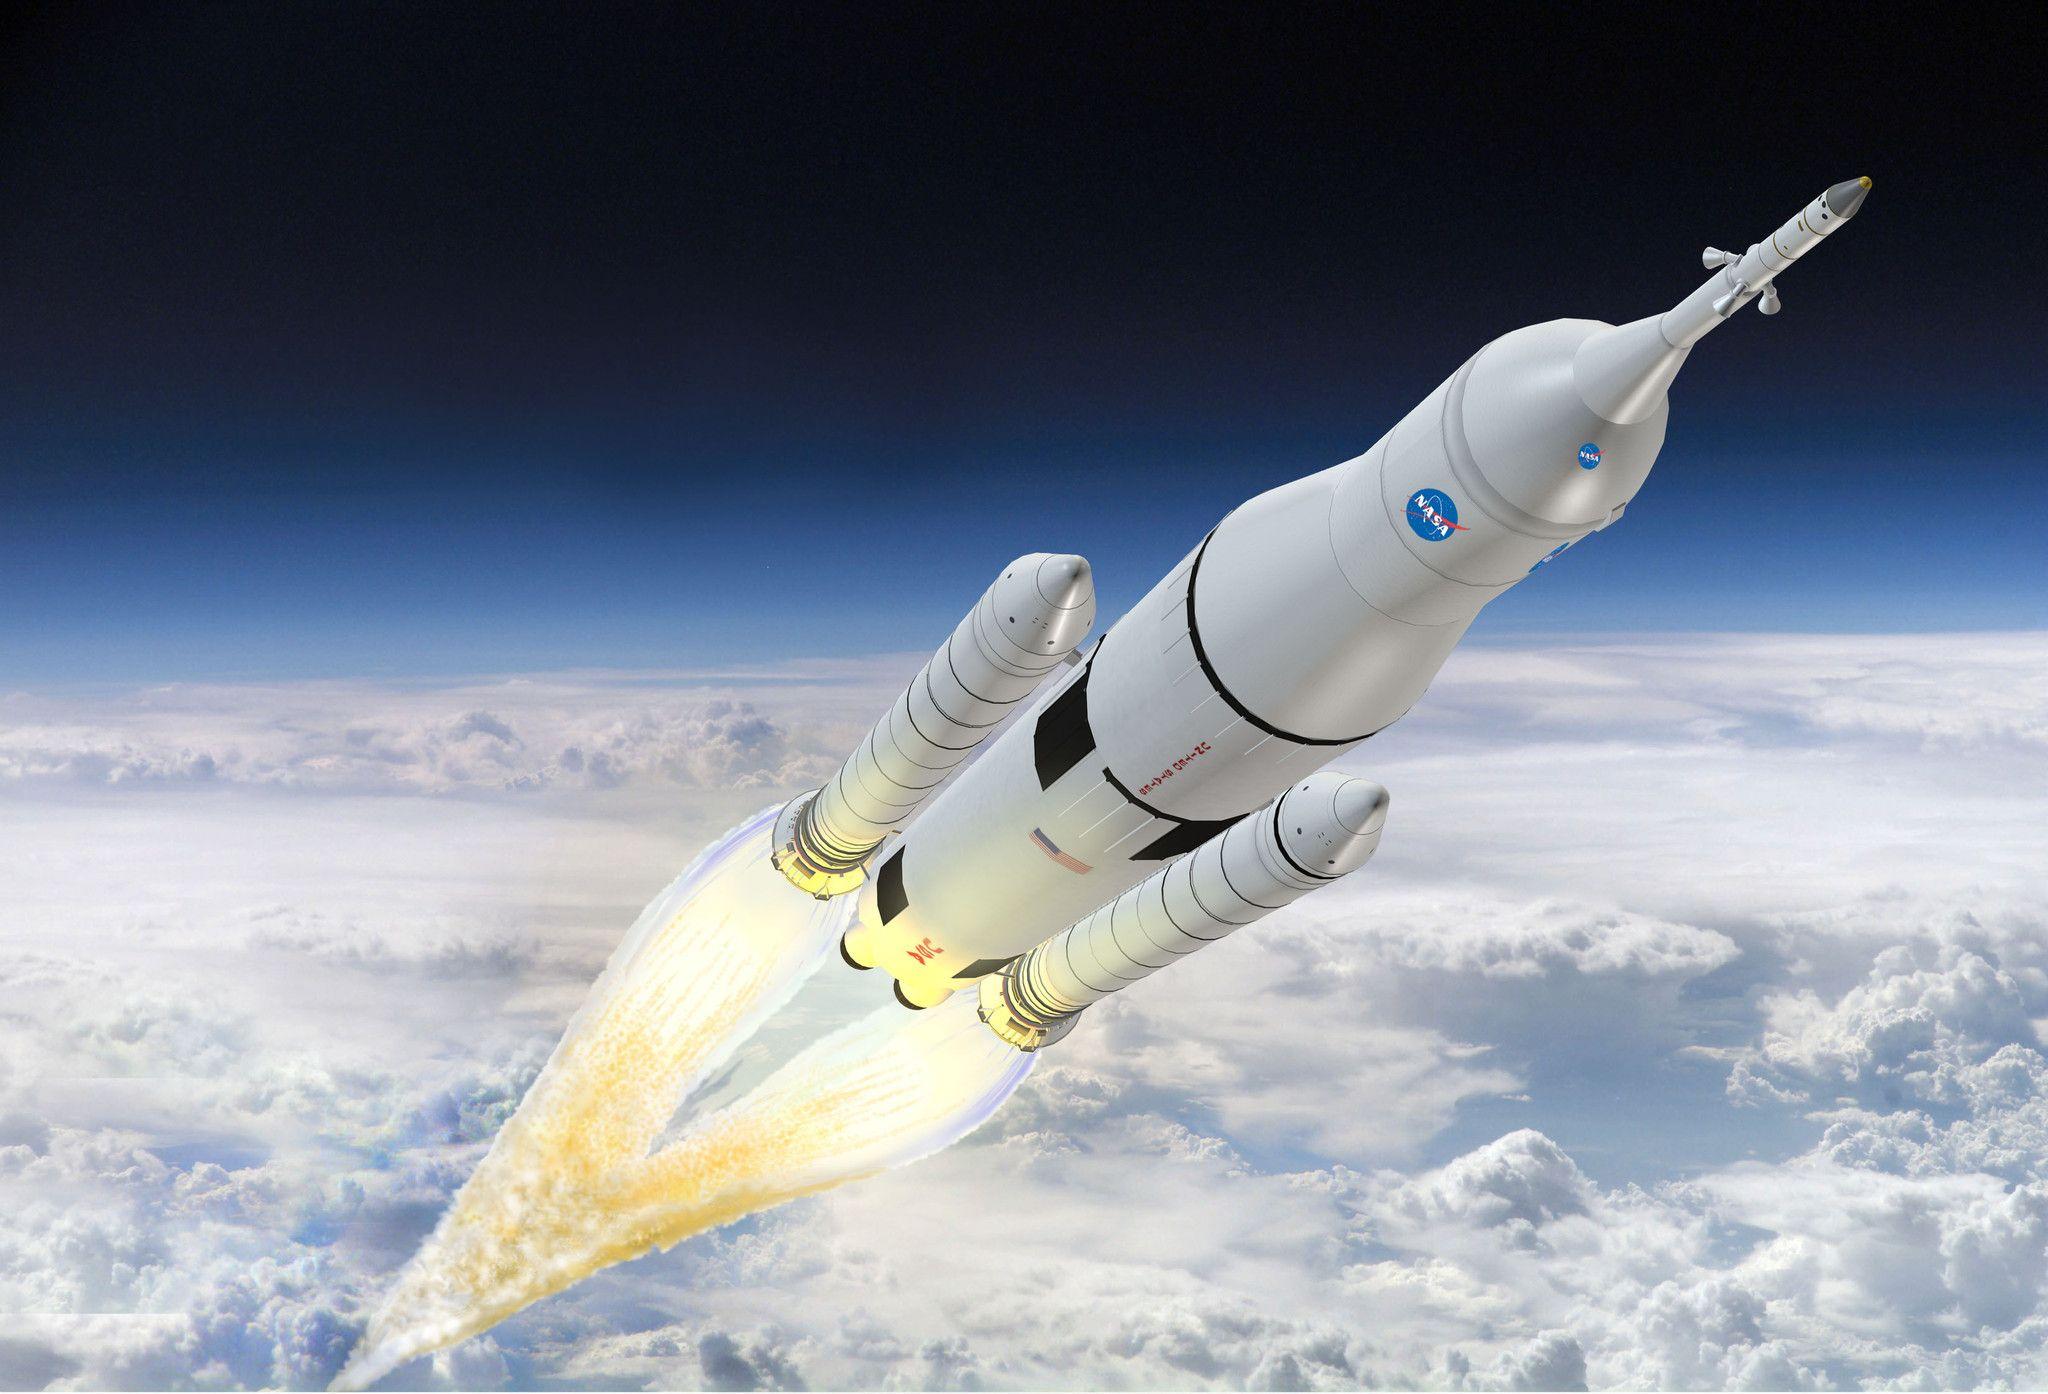 Imagem de NASA cogita usar patrocínio usando nomes de marcas em seus foguetes no tecmundo